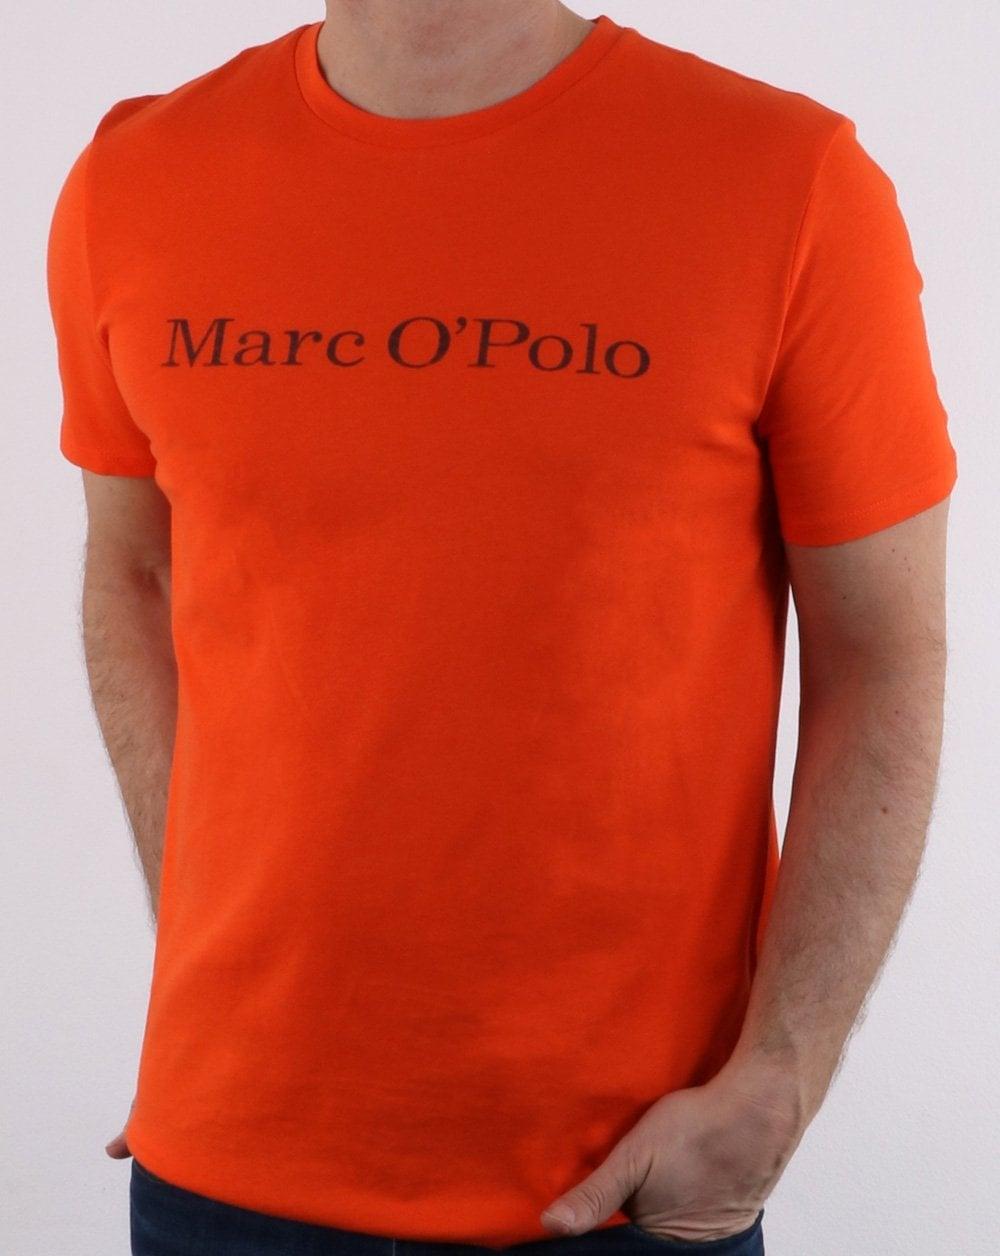 41f6718164 Marc O'Polo T-shirt Orange | 80s casual classics